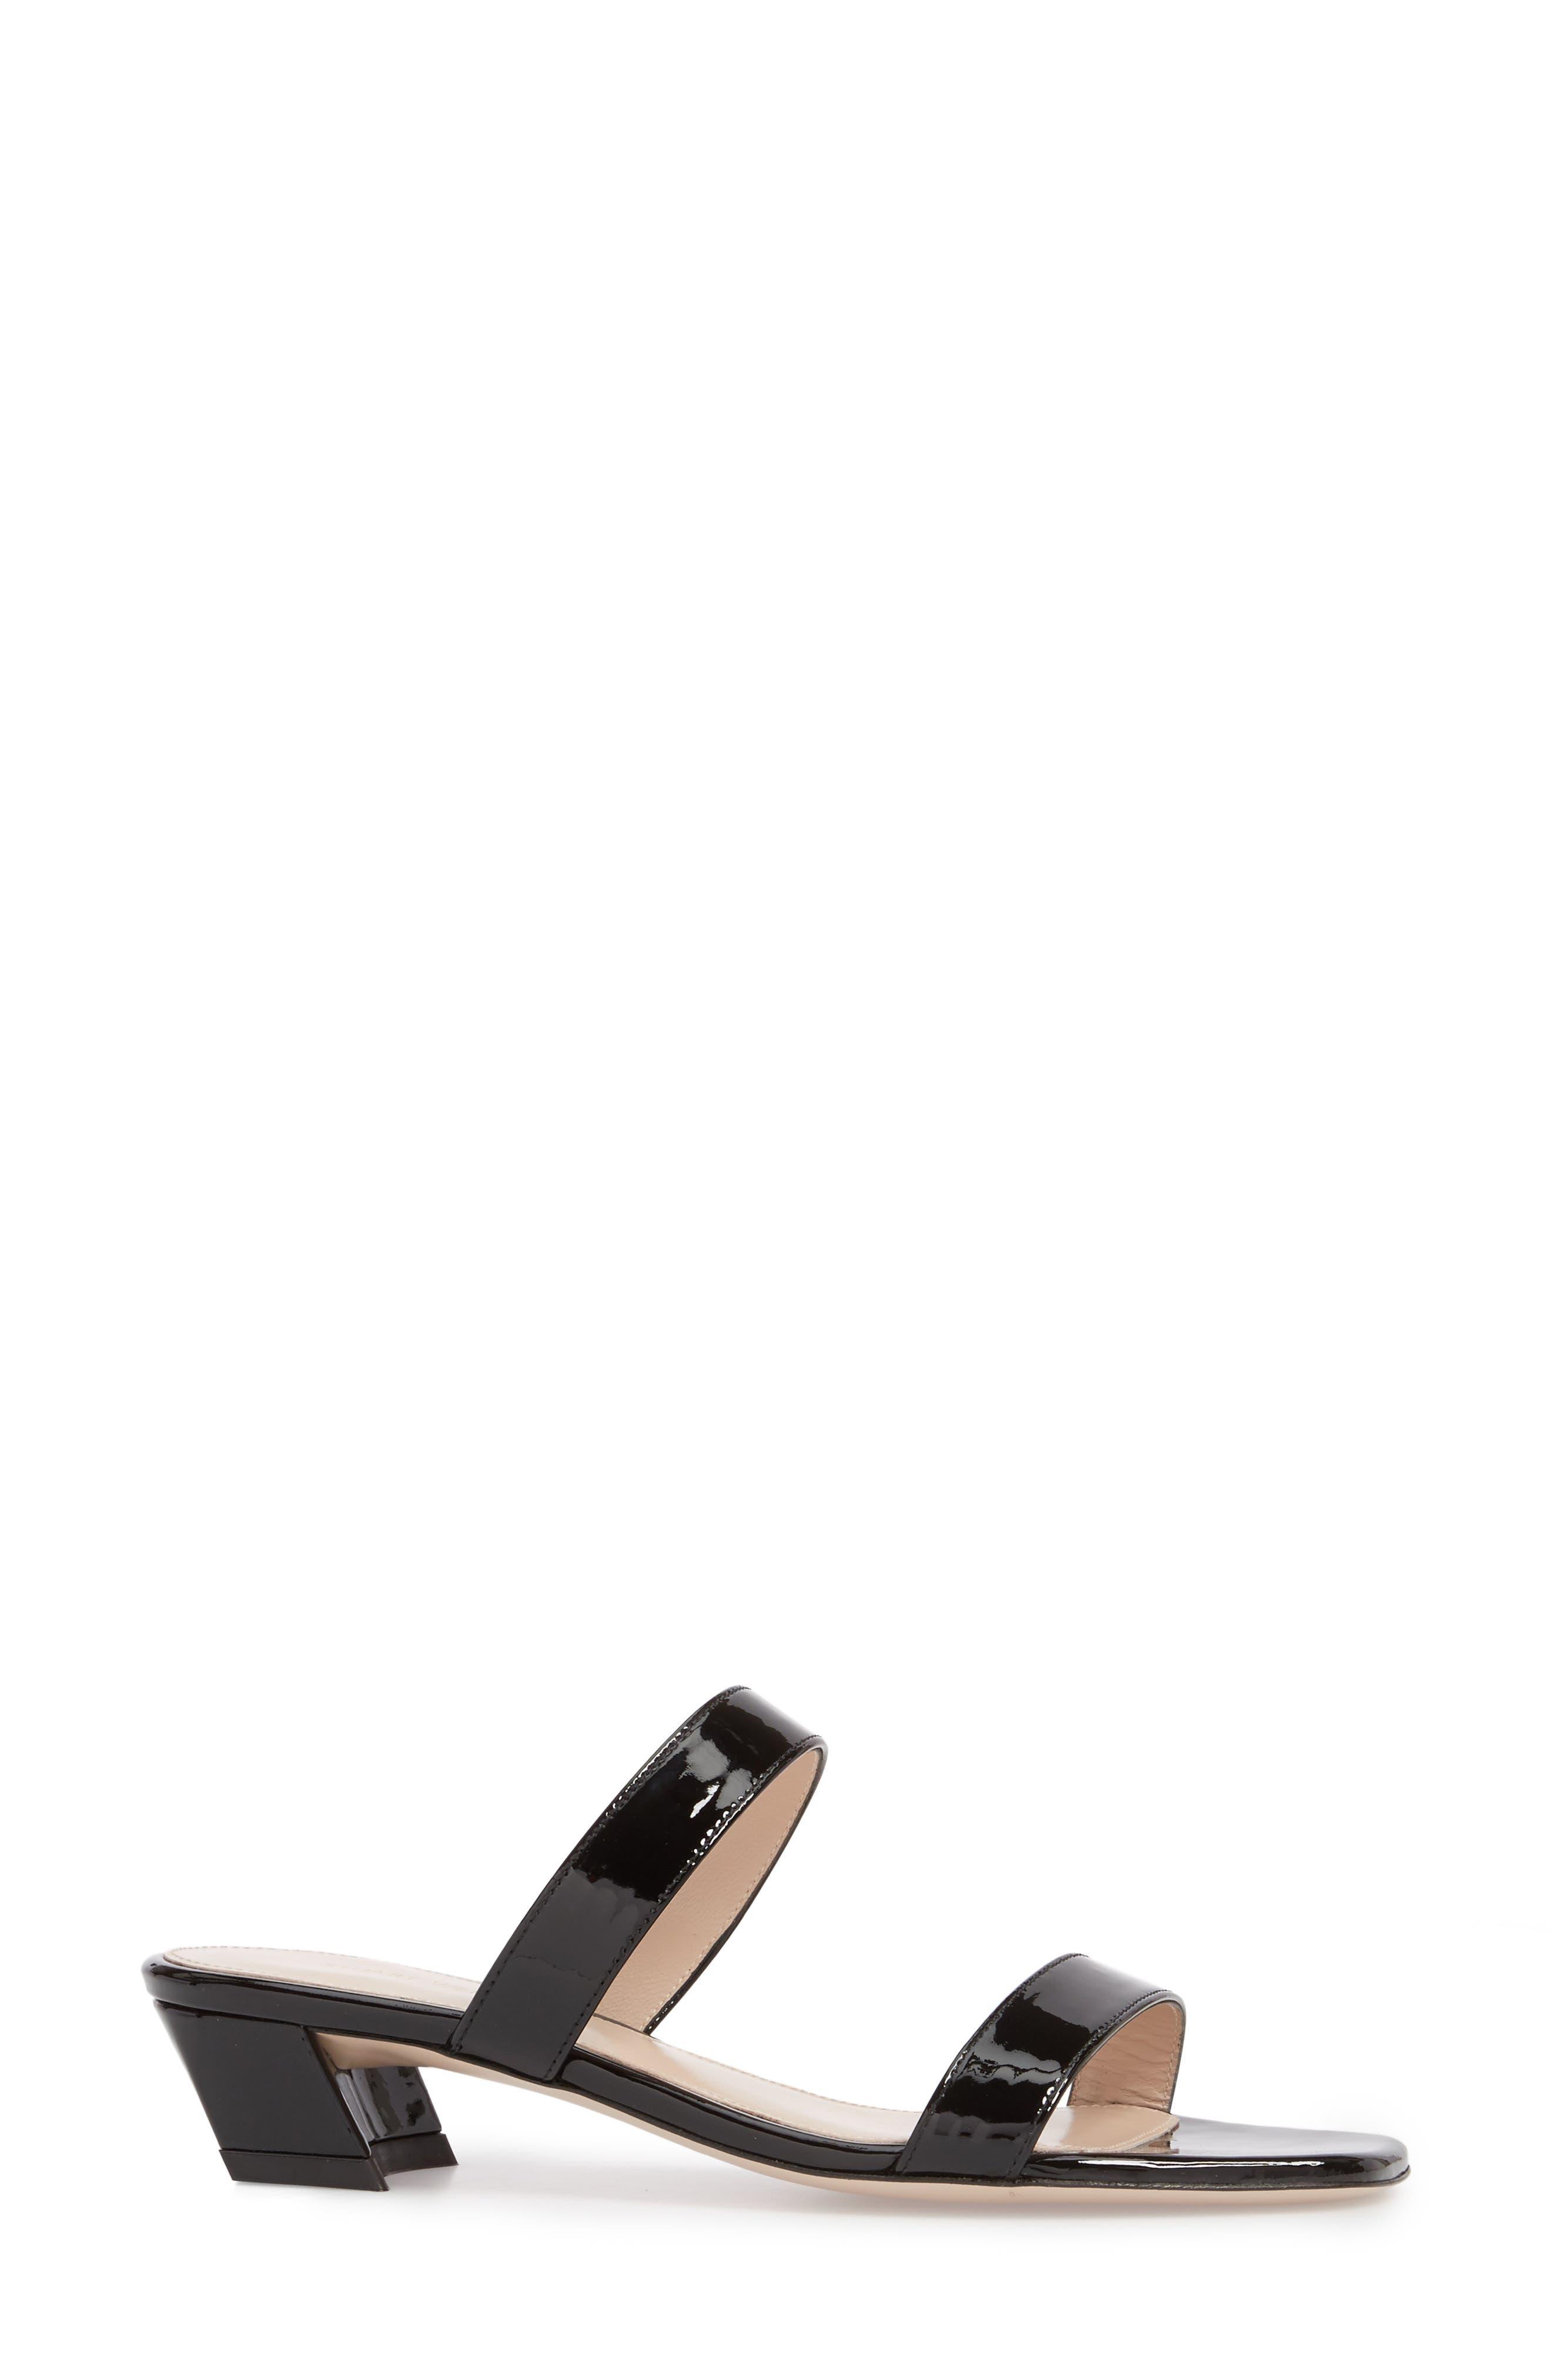 Ava Slide Sandal,                             Alternate thumbnail 3, color,                             003